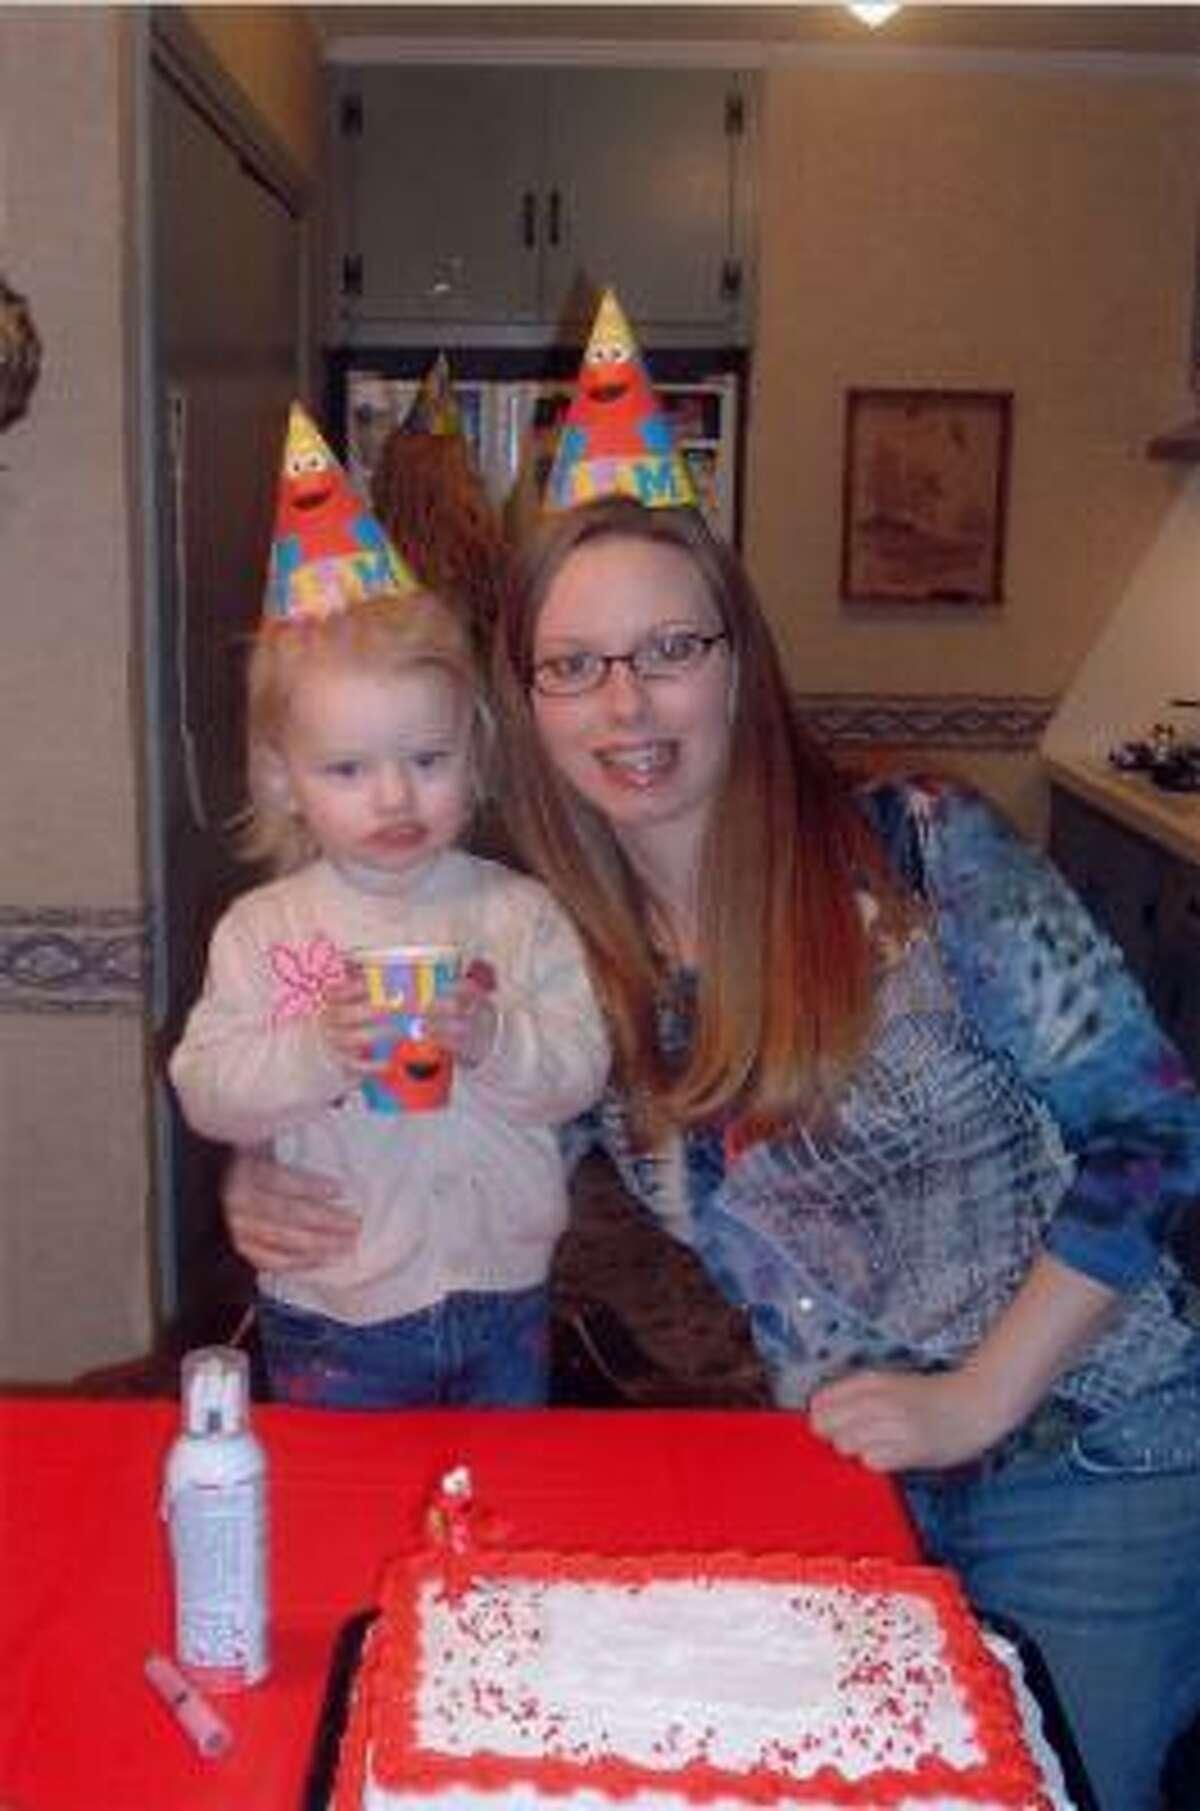 Bridgette Gearen and her daughter Kyra, 2